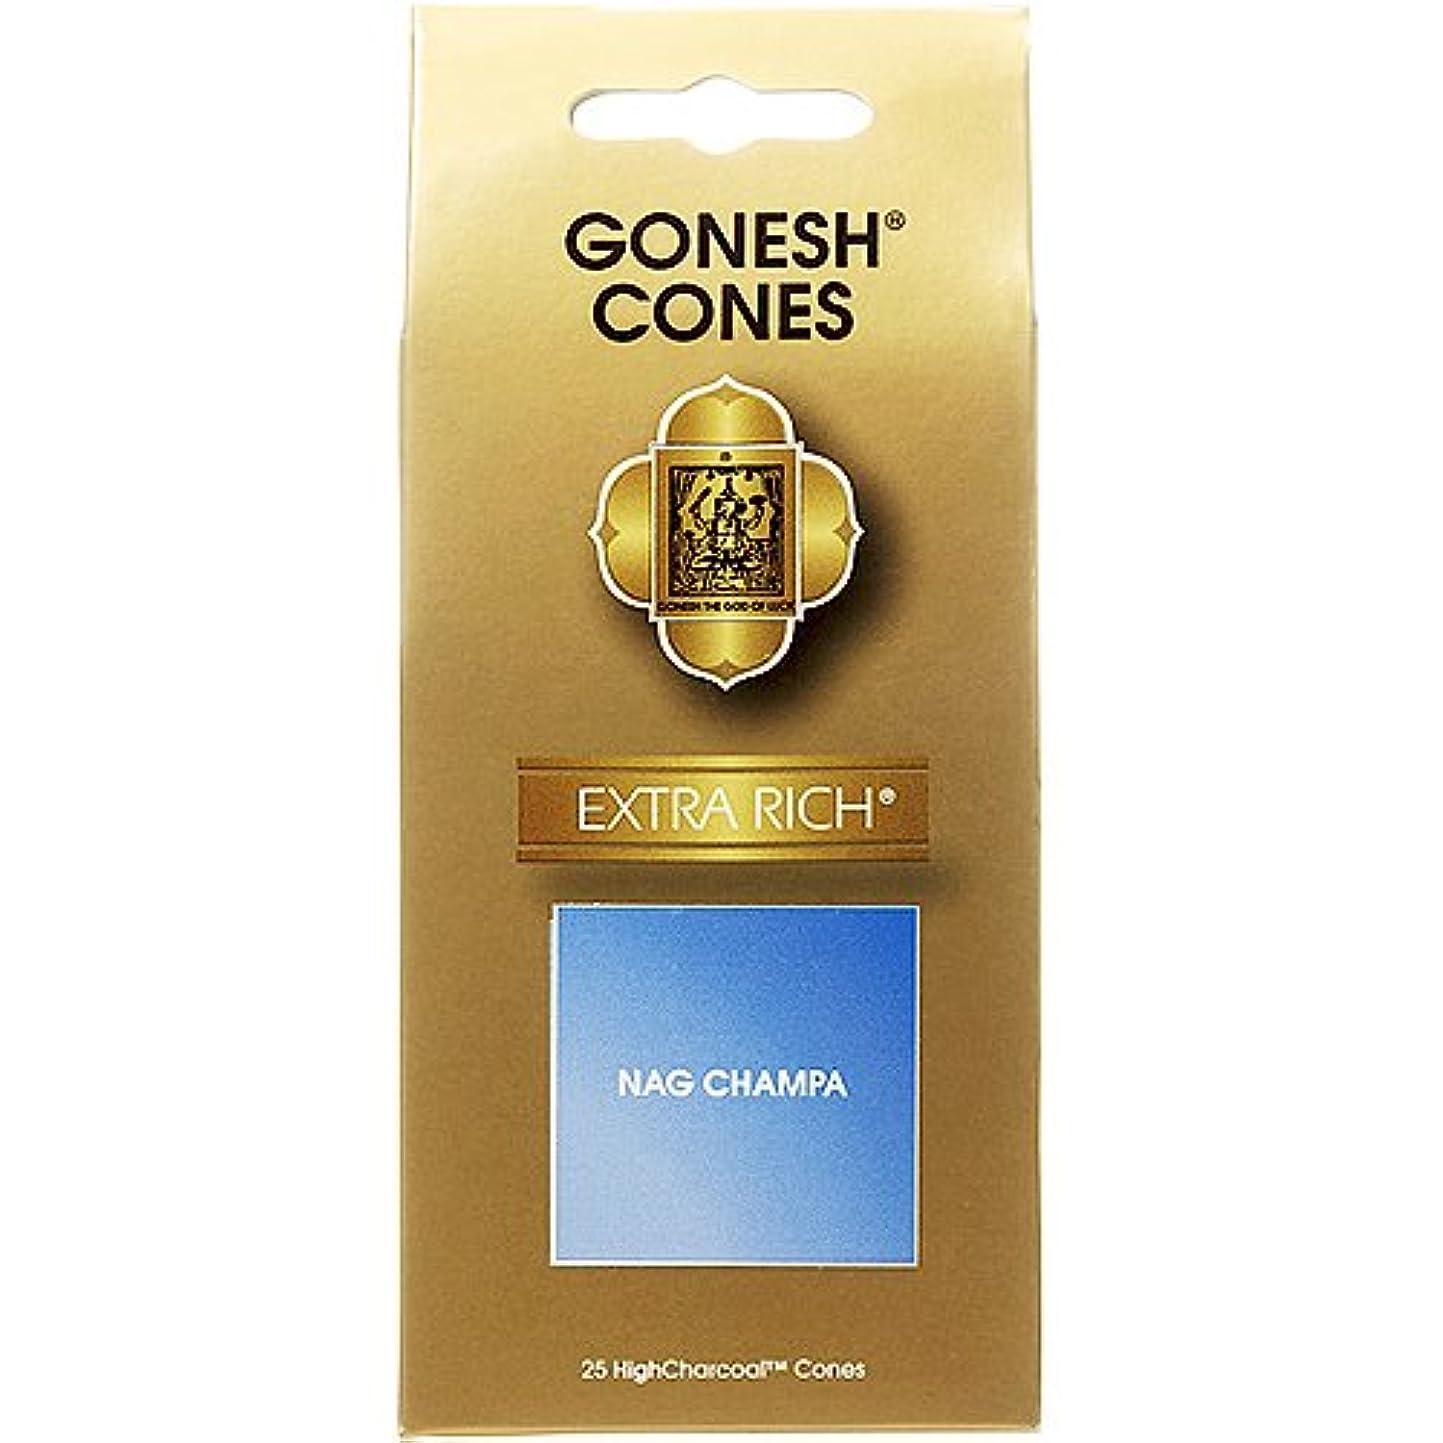 ケーブルカー登録コインガーネッシュ(GONESH) エクストラリッチ インセンス コーン ナグチャンパ 25ヶ入